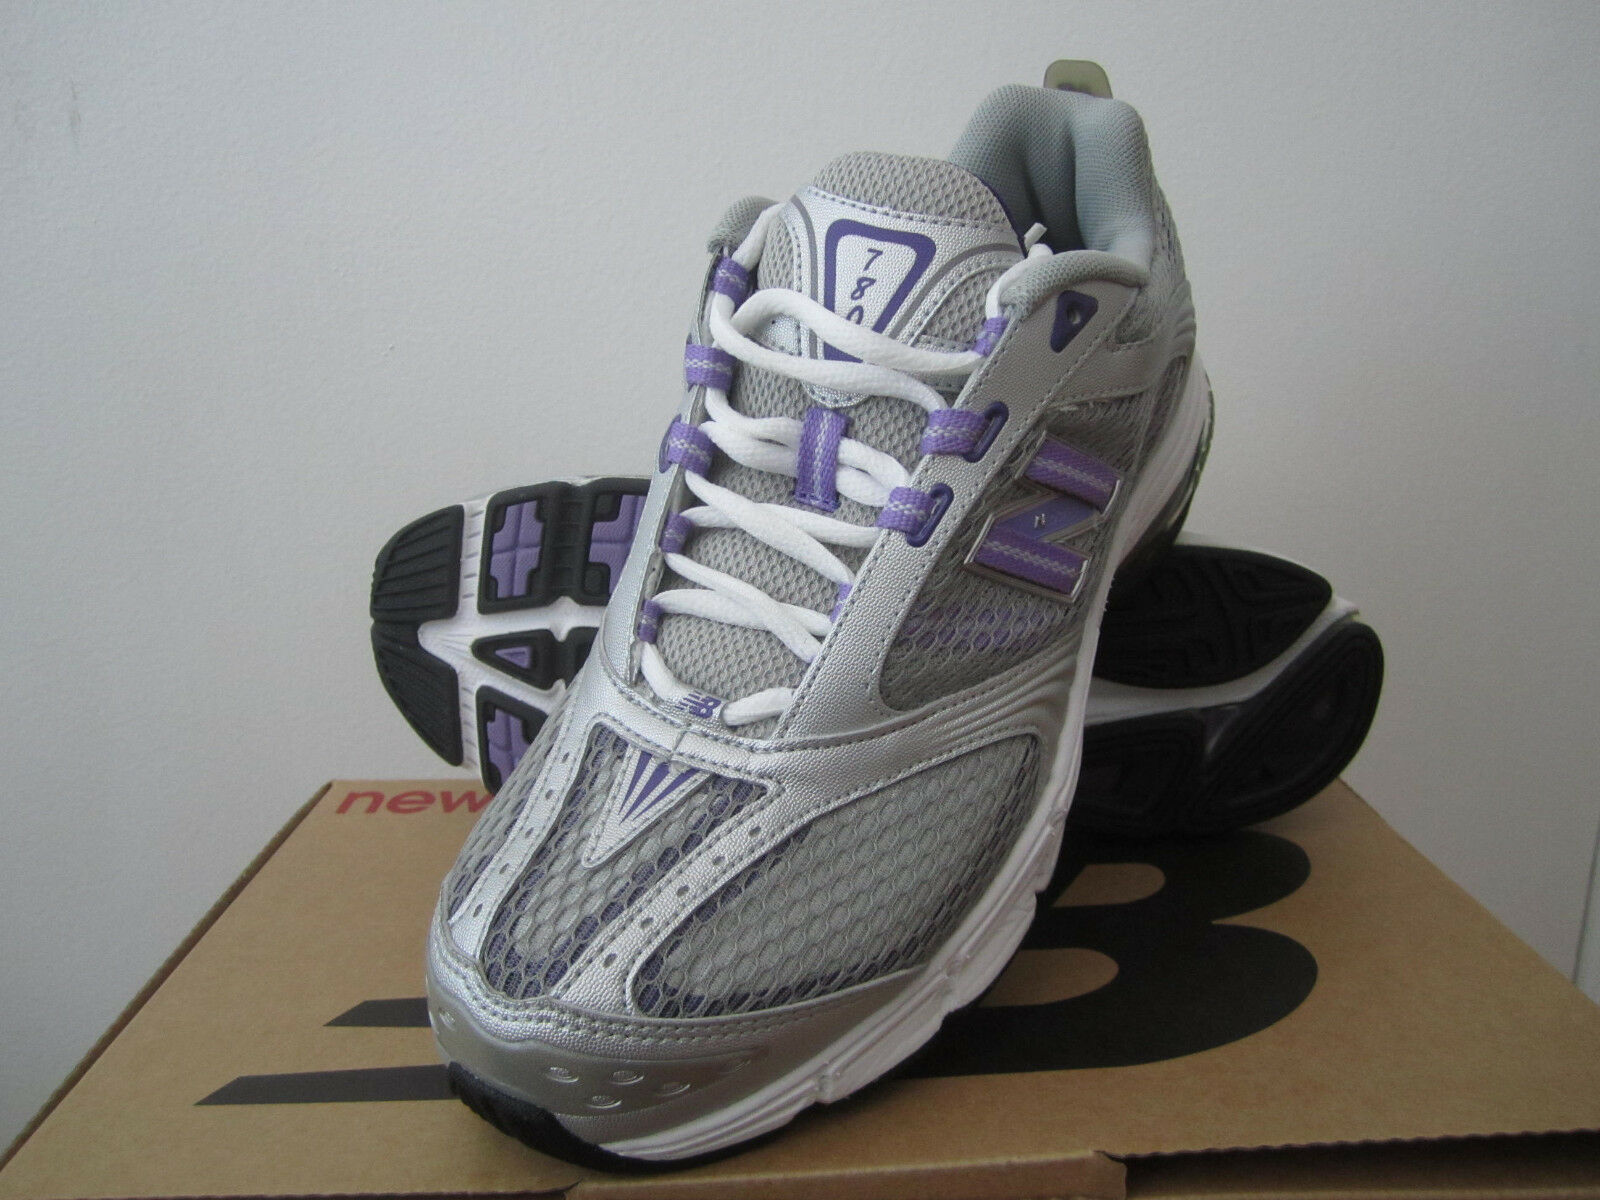 New  Damenschuhe - New Balance 780 Trainer Sneakers Schuhes - Damenschuhe limited Größes 9a8d15